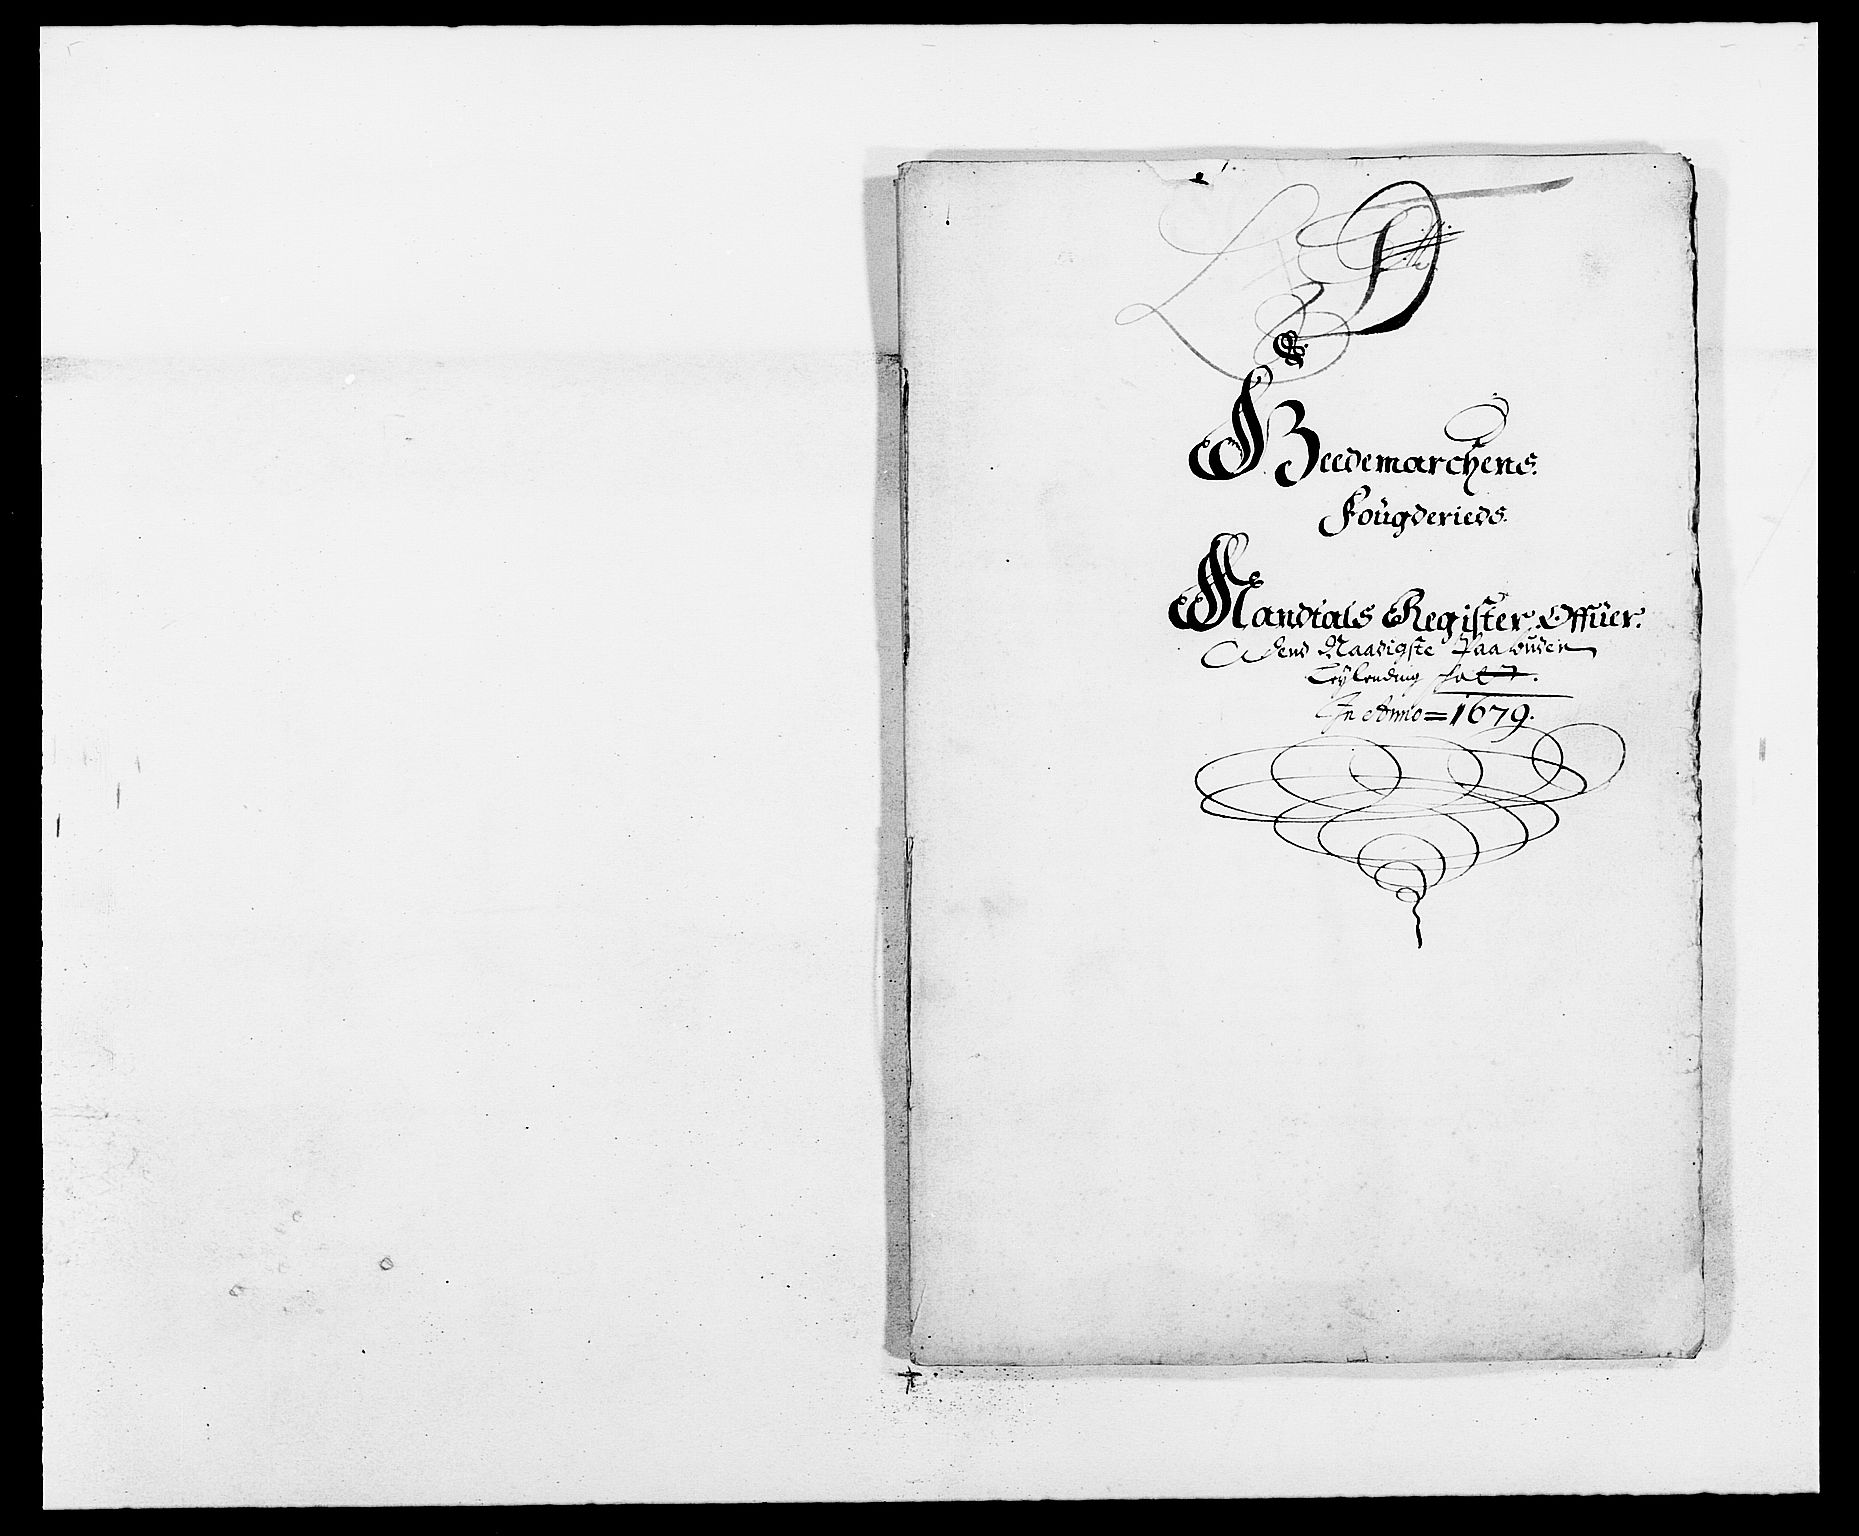 RA, Rentekammeret inntil 1814, Reviderte regnskaper, Fogderegnskap, R16/L1018: Fogderegnskap Hedmark, 1678-1679, s. 136